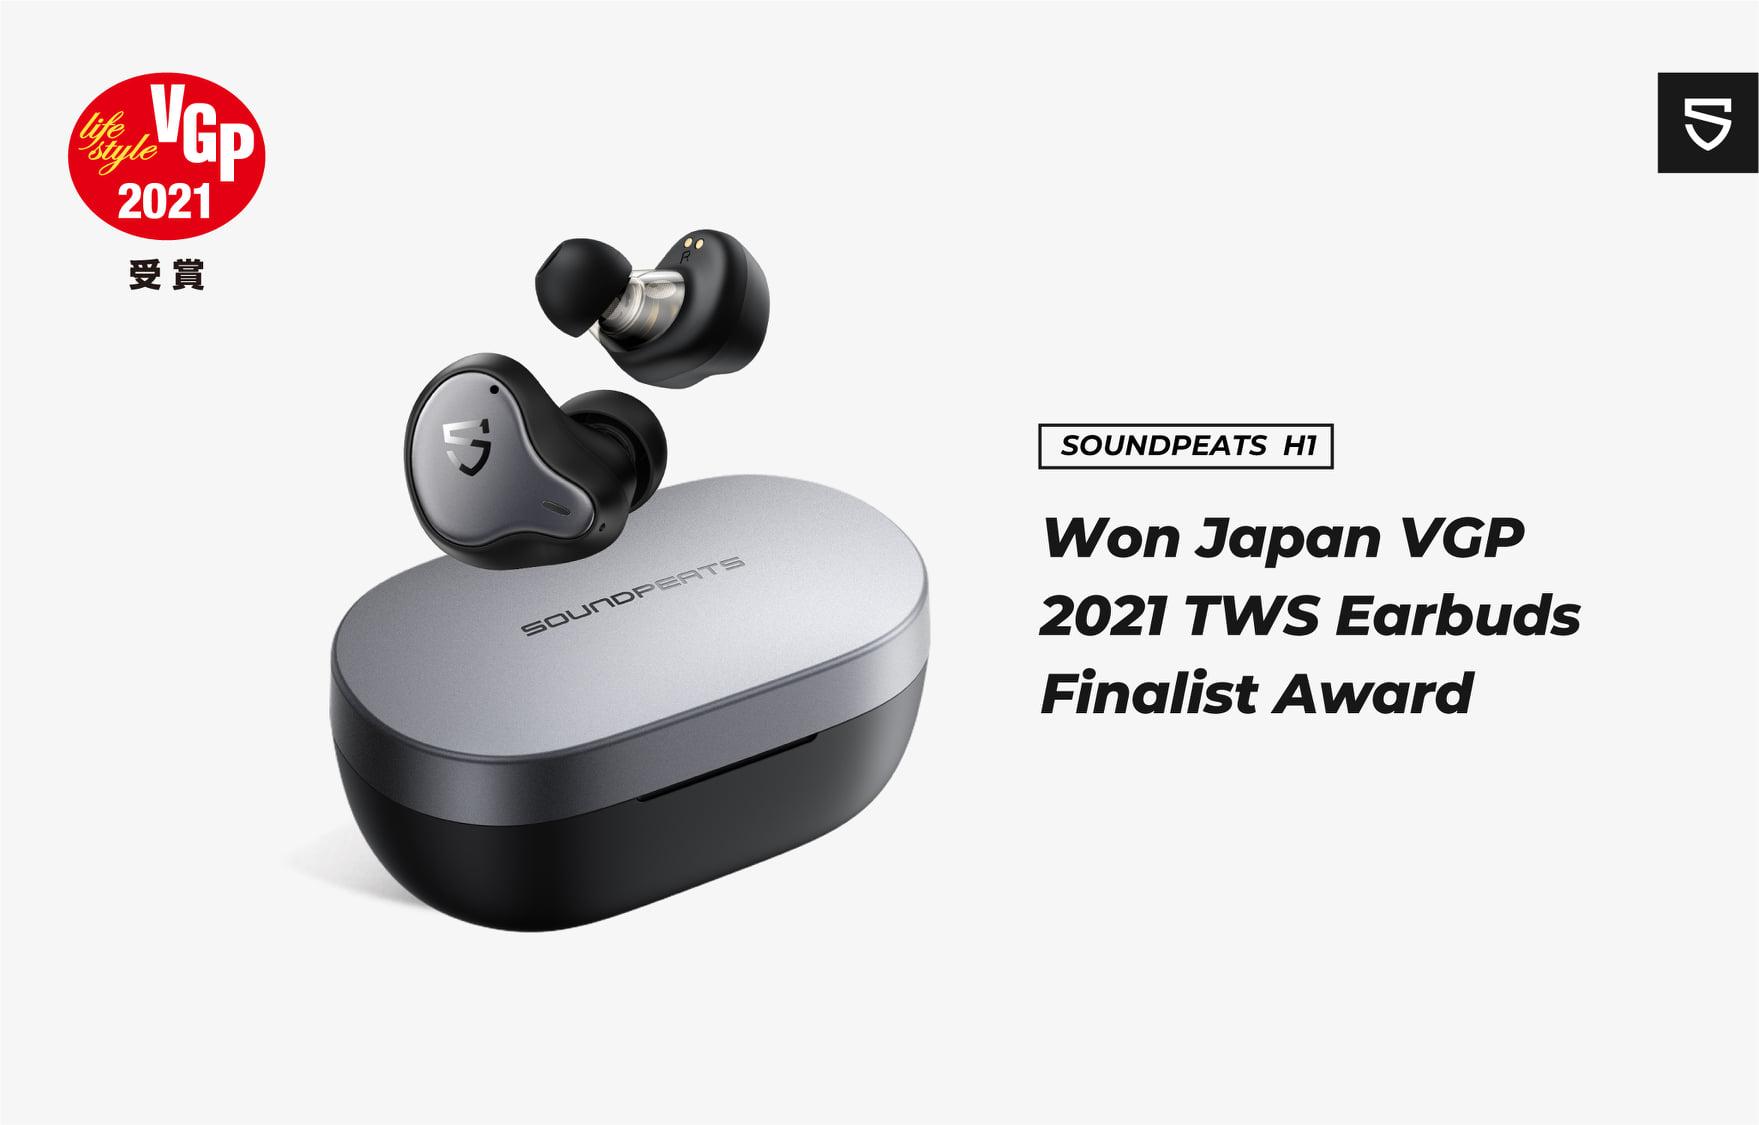 SoundPEATS H1 nhận giải lọt vào chung kết VGP 2021